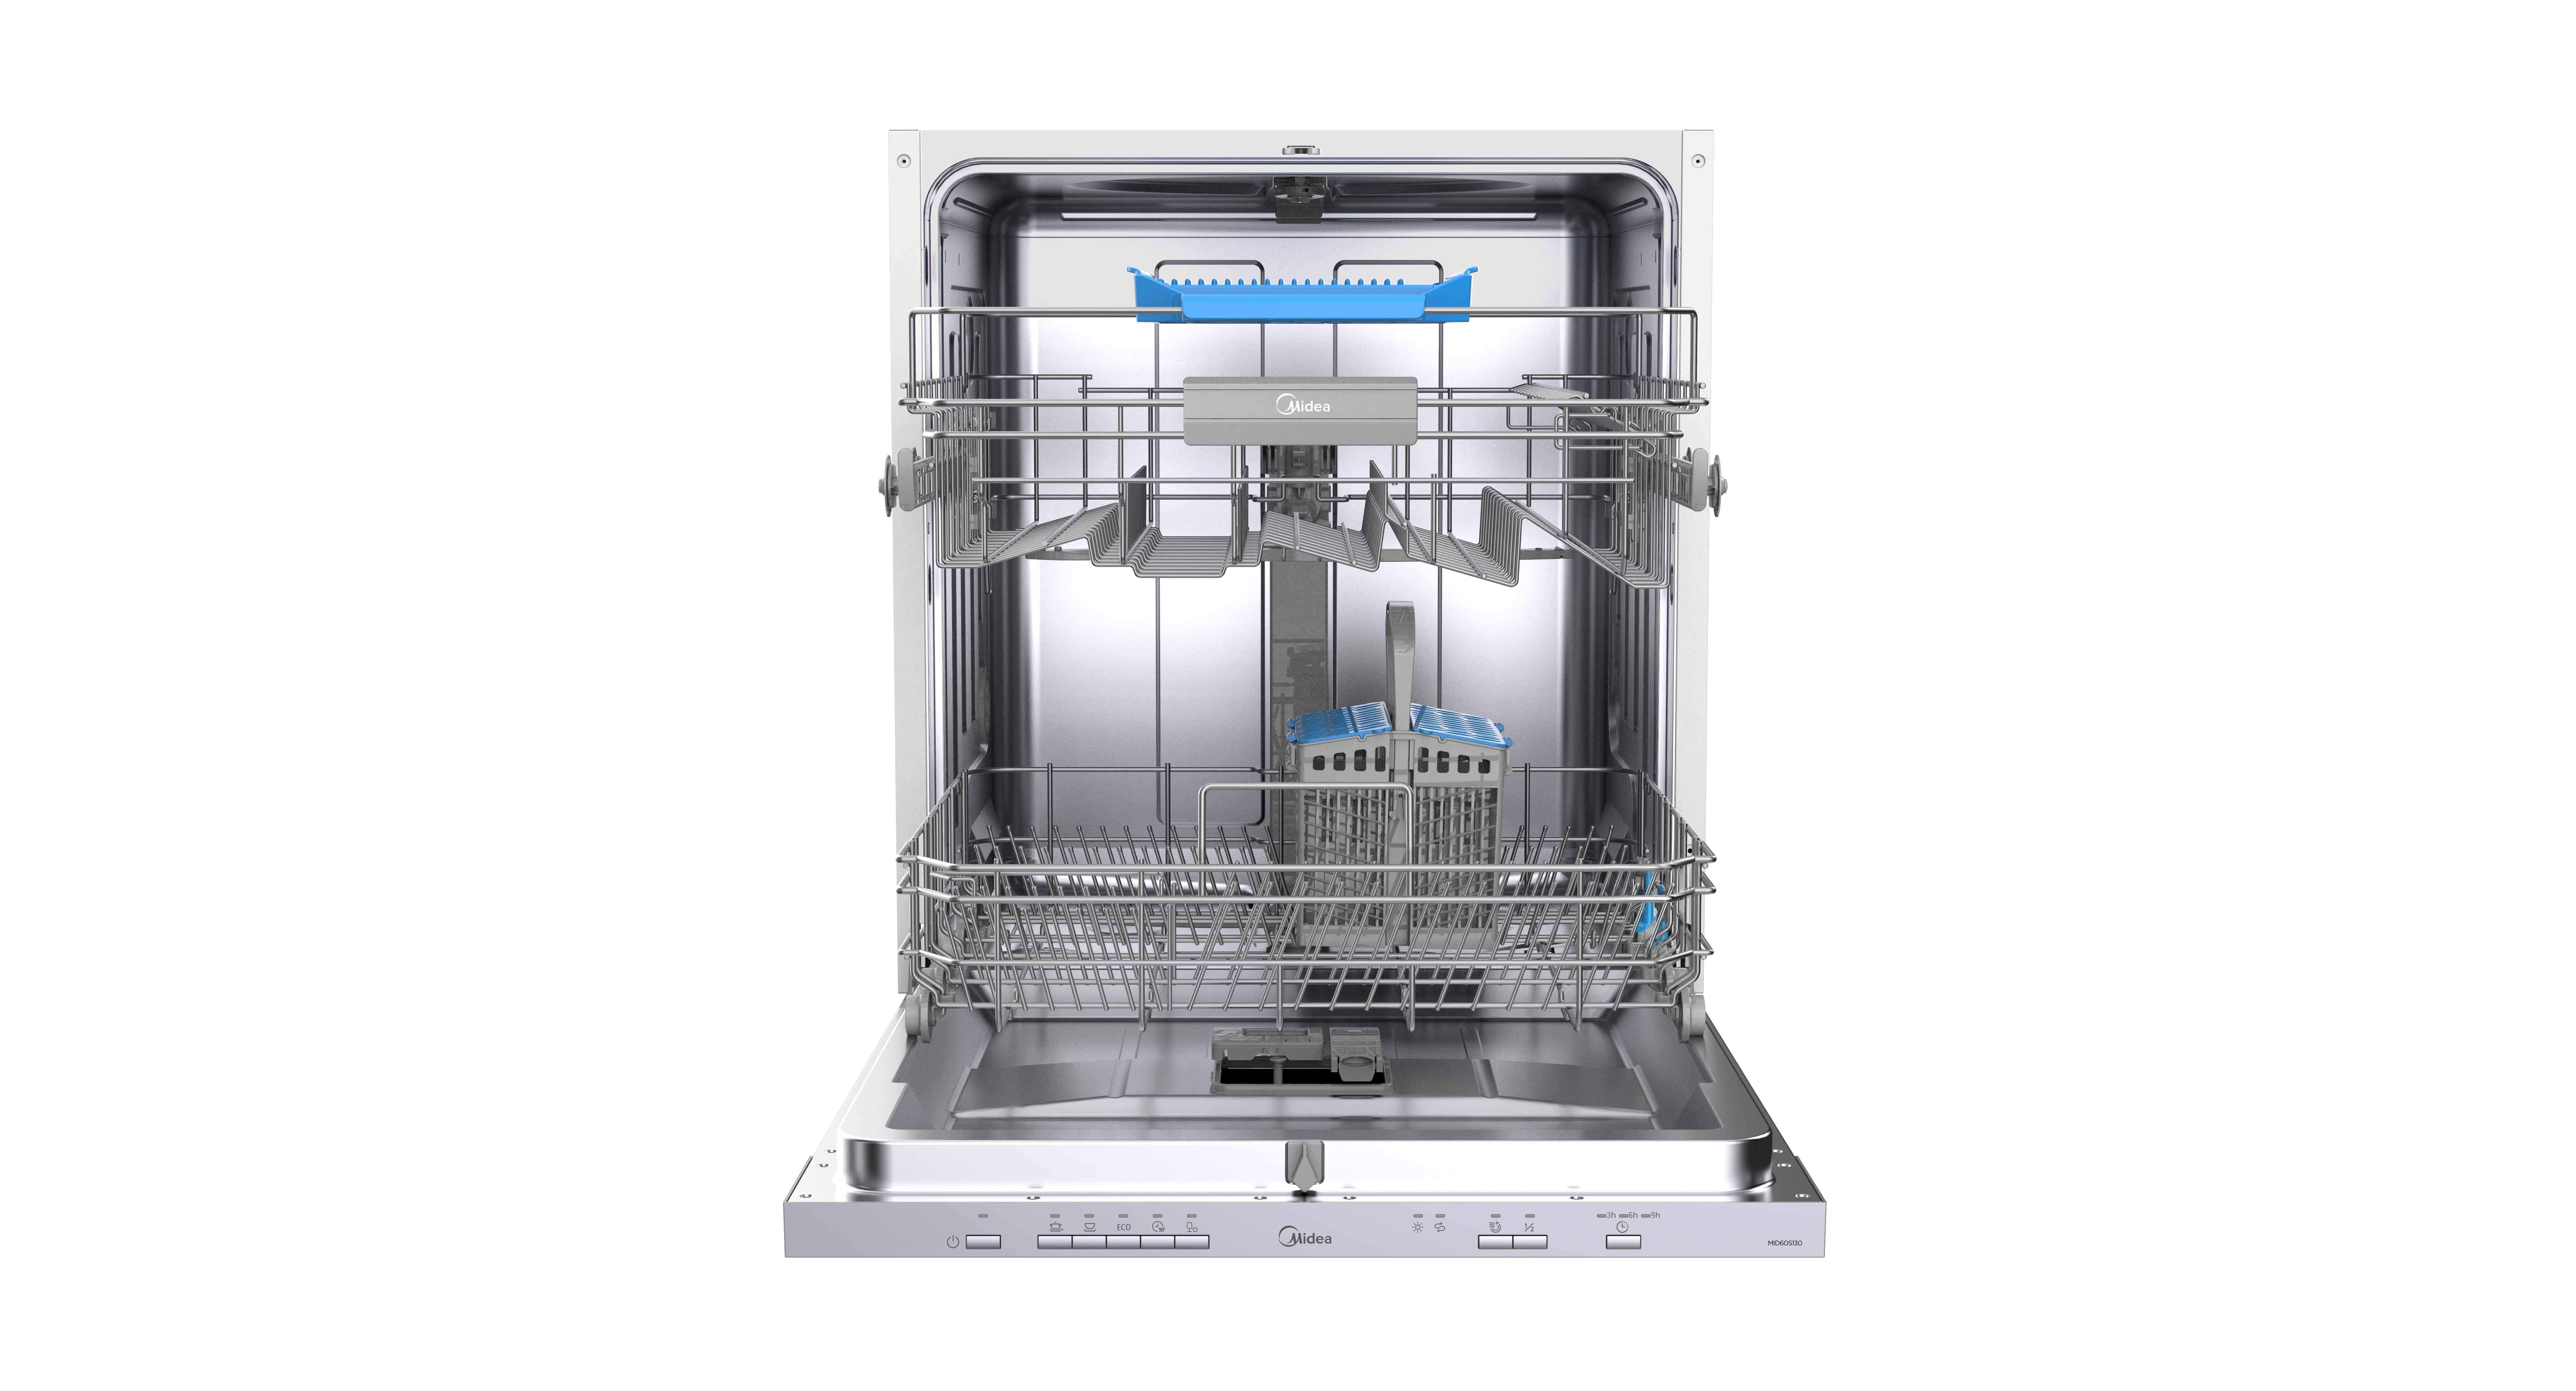 Компактные посудомоечные машины. лучшие компактные посудомоечные машины midea — рейтинг моделей, описание, отзывы + рекомендации по выбору